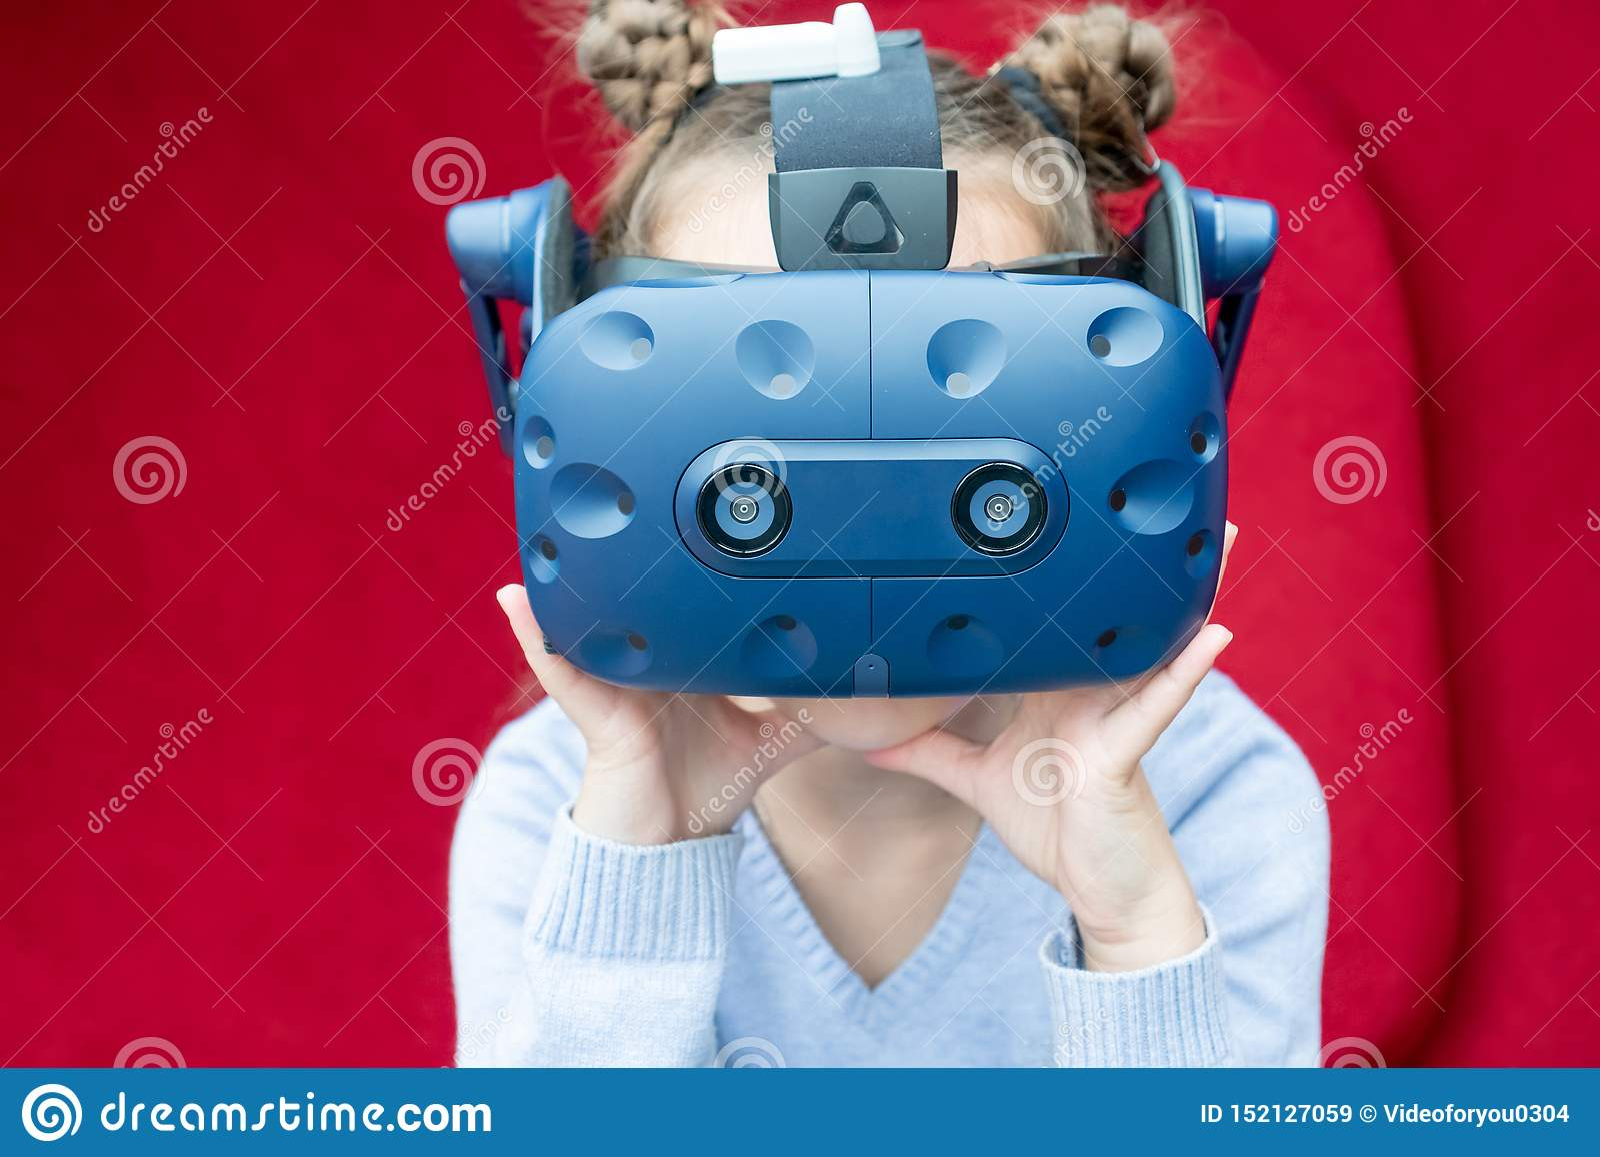 Chica joven sorprendente que experimenta realidad virtual con auriculares de VR en la cabeza